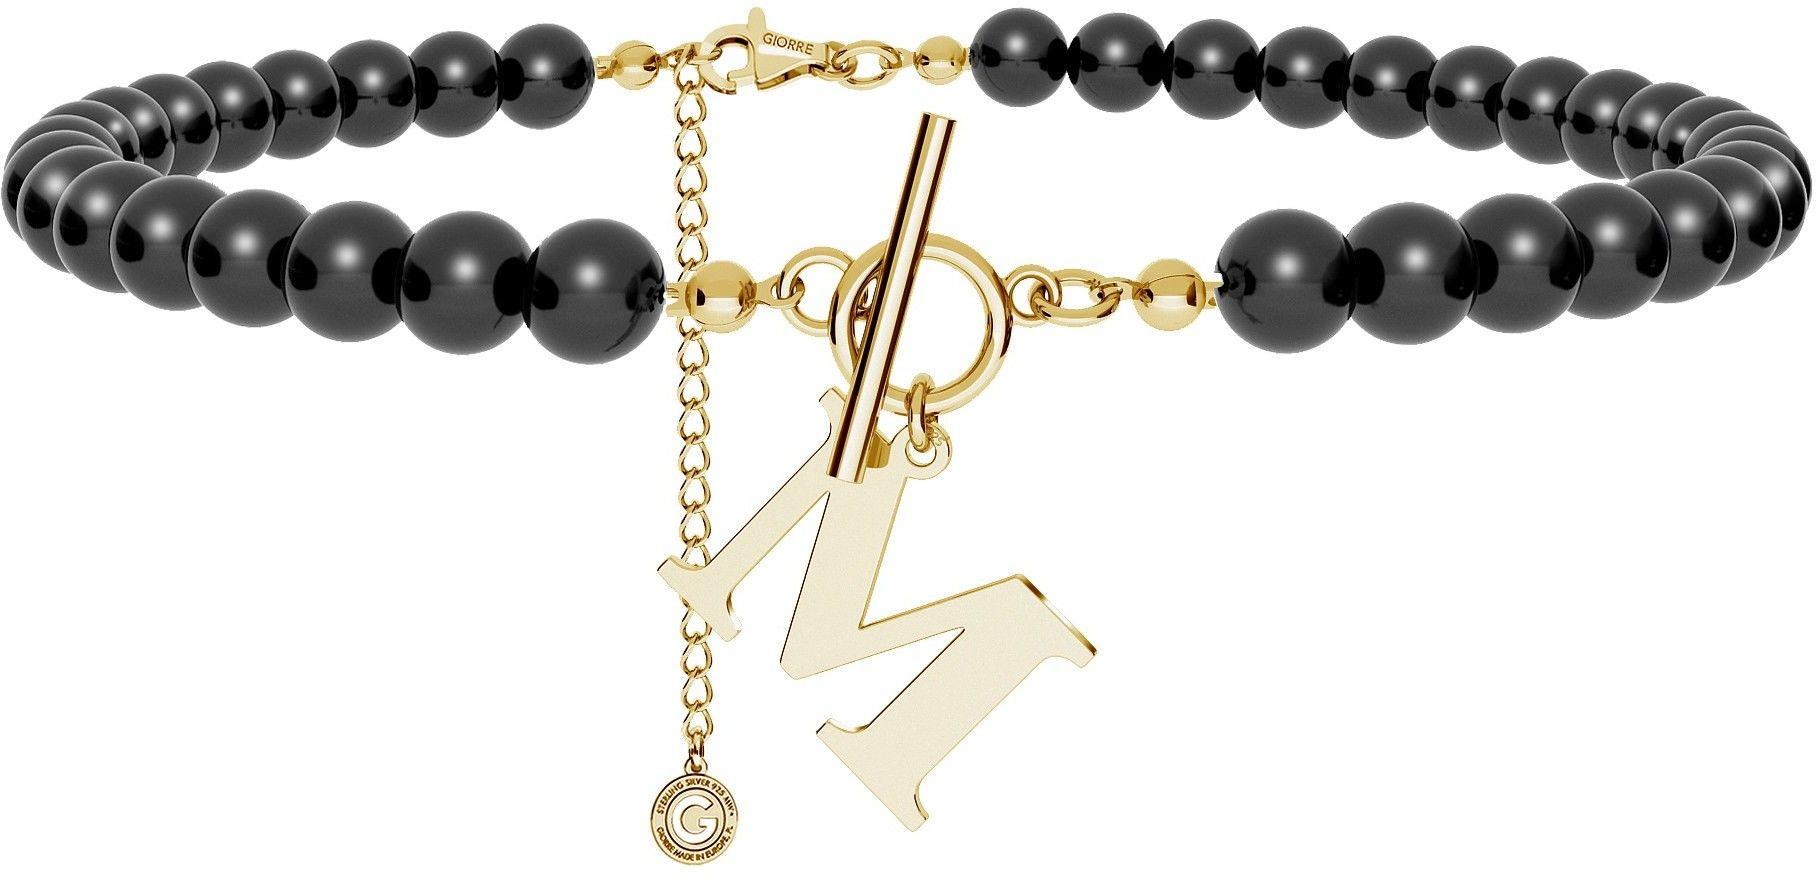 Czarny perłowy choker z dowolną literą, Swarovski, srebro 925 : Litera - W, Srebro - kolor pokrycia - Pokrycie żółtym 18K złotem